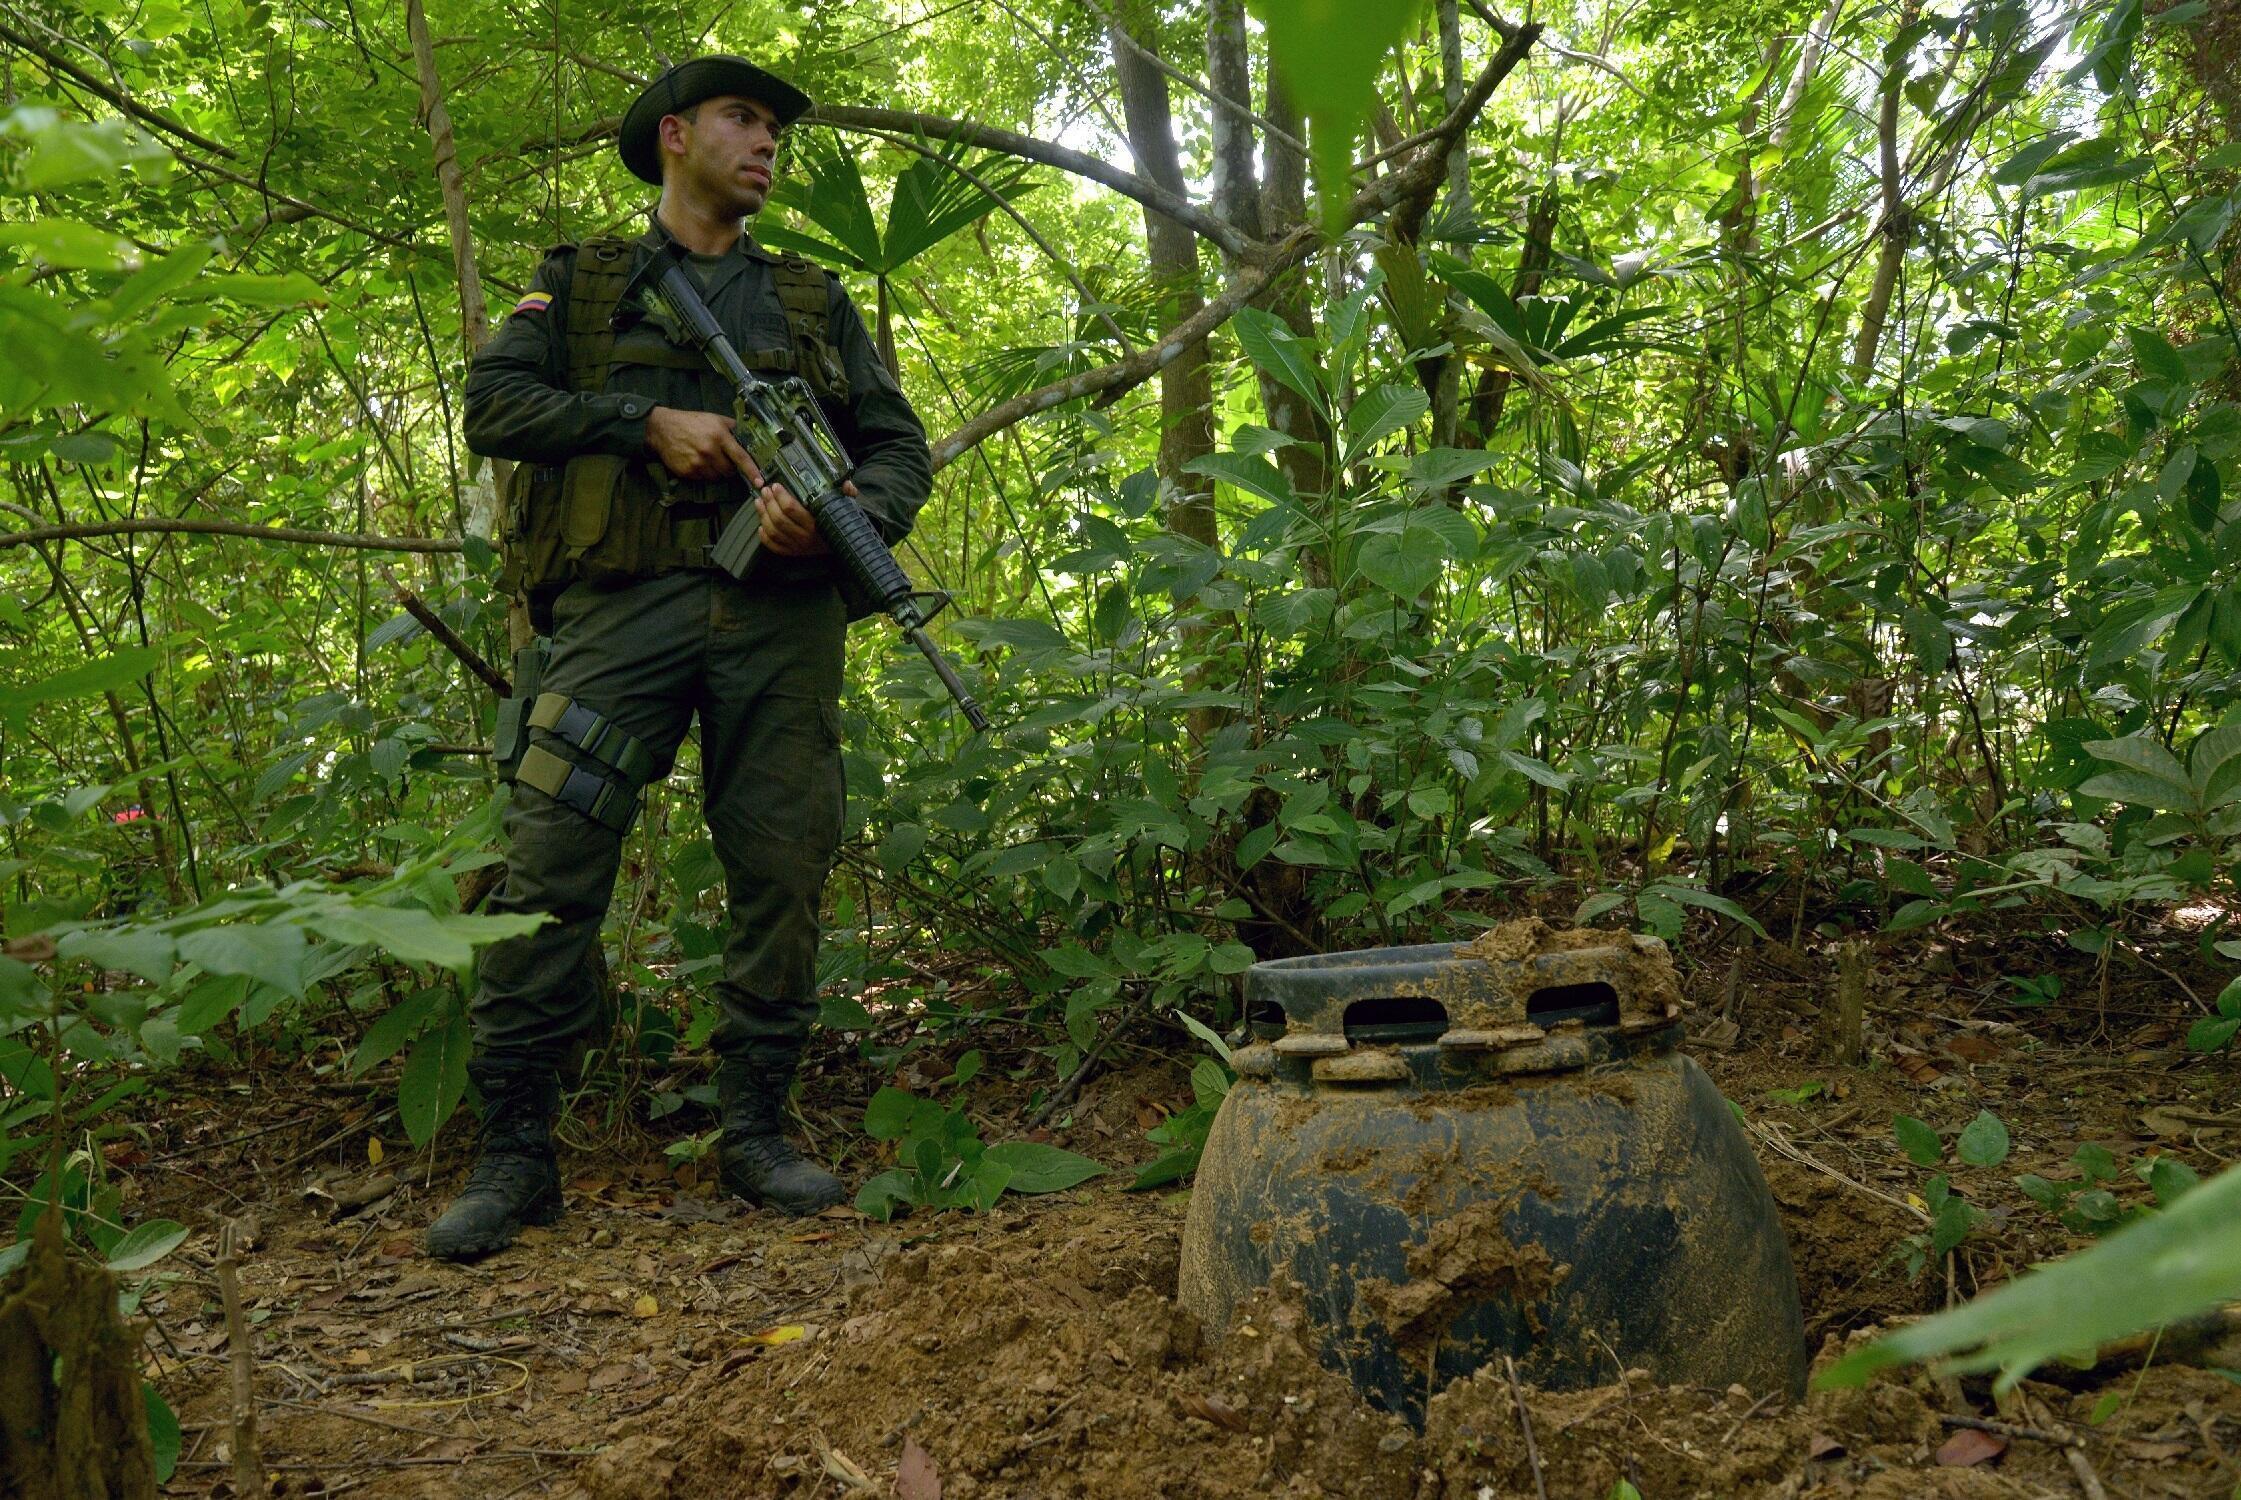 Soldat surveillant une plantation de coca dans le Choco en Colombie.